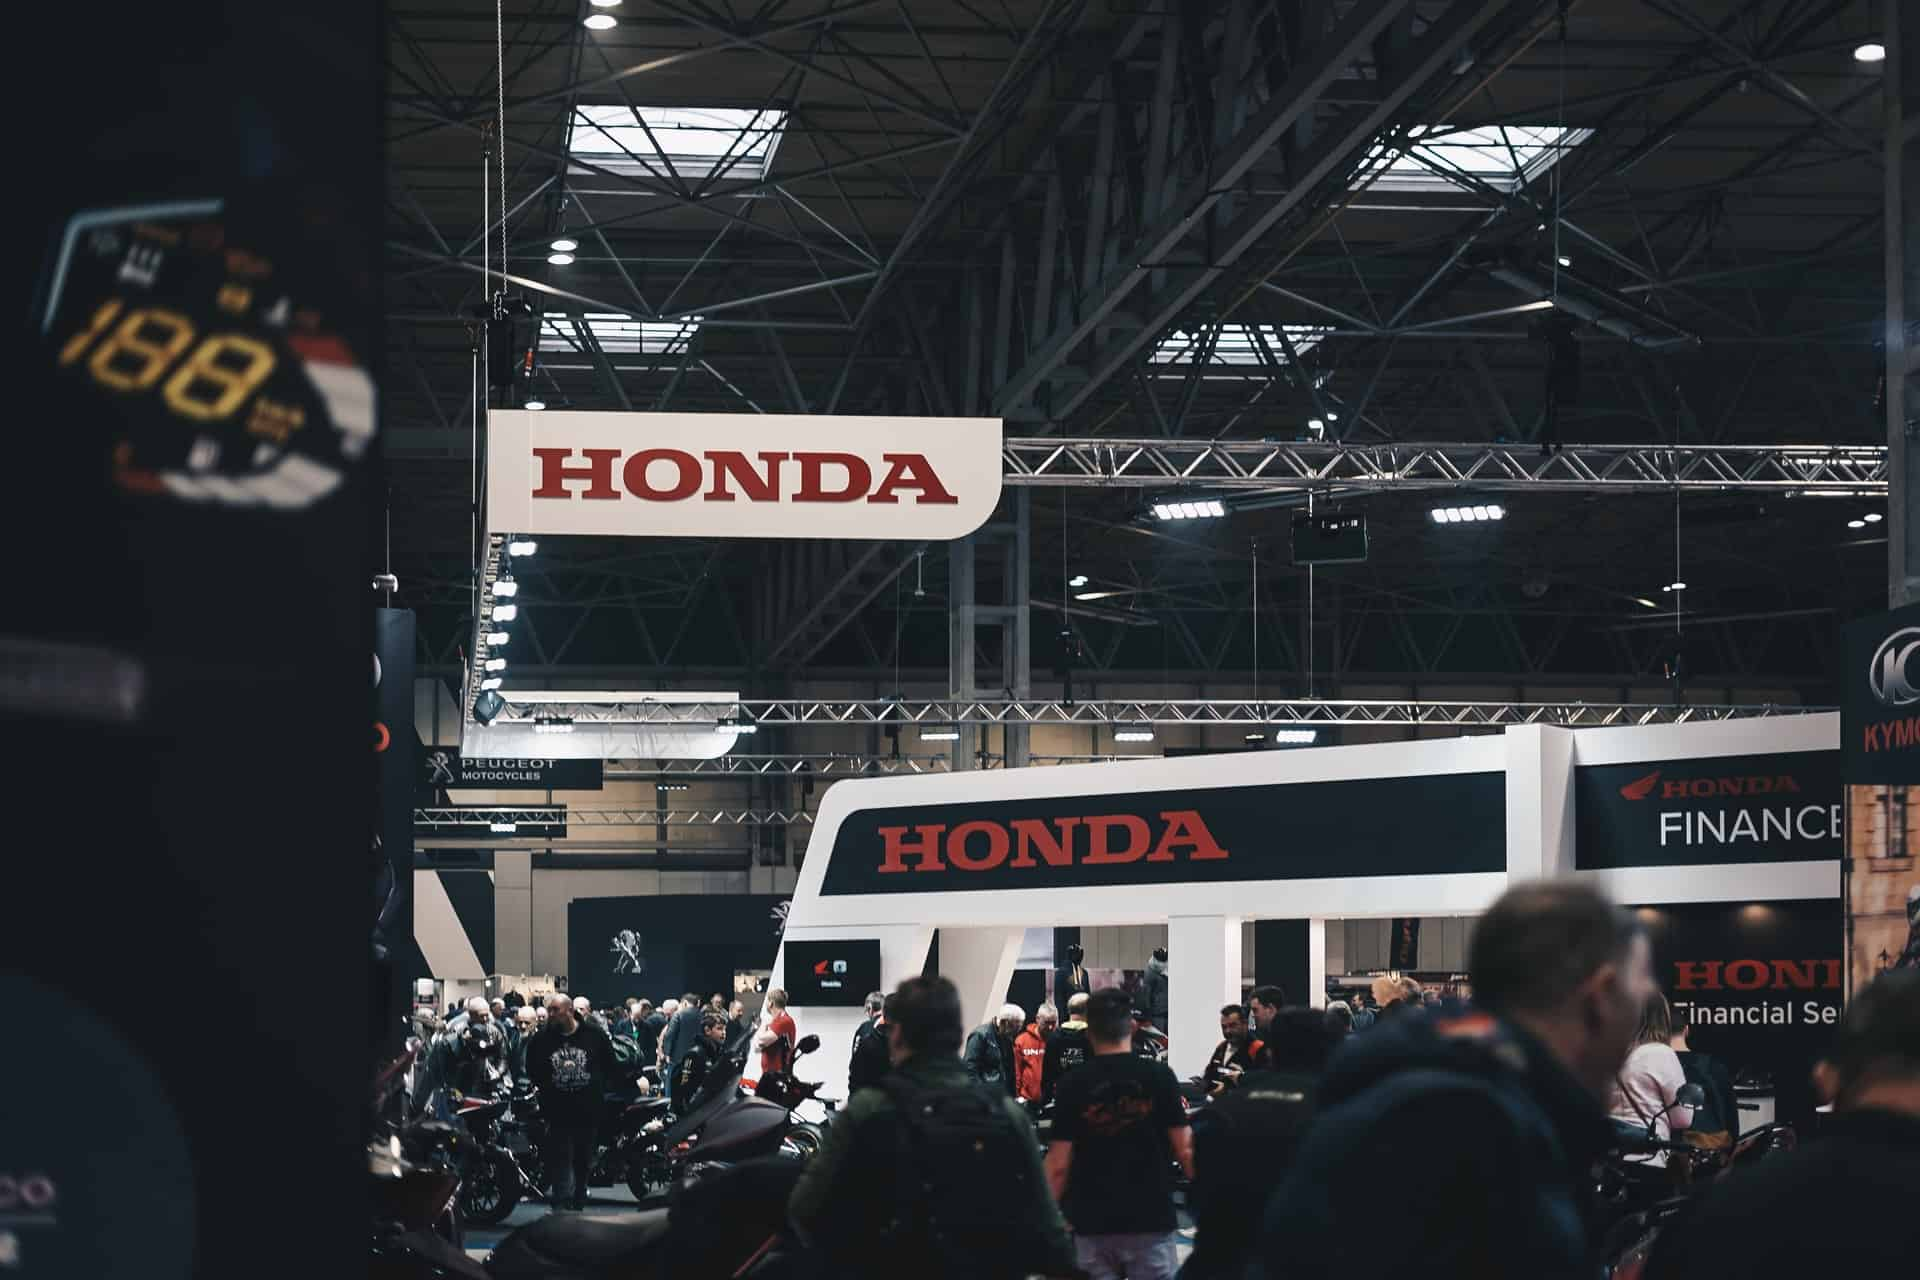 Honda trade show